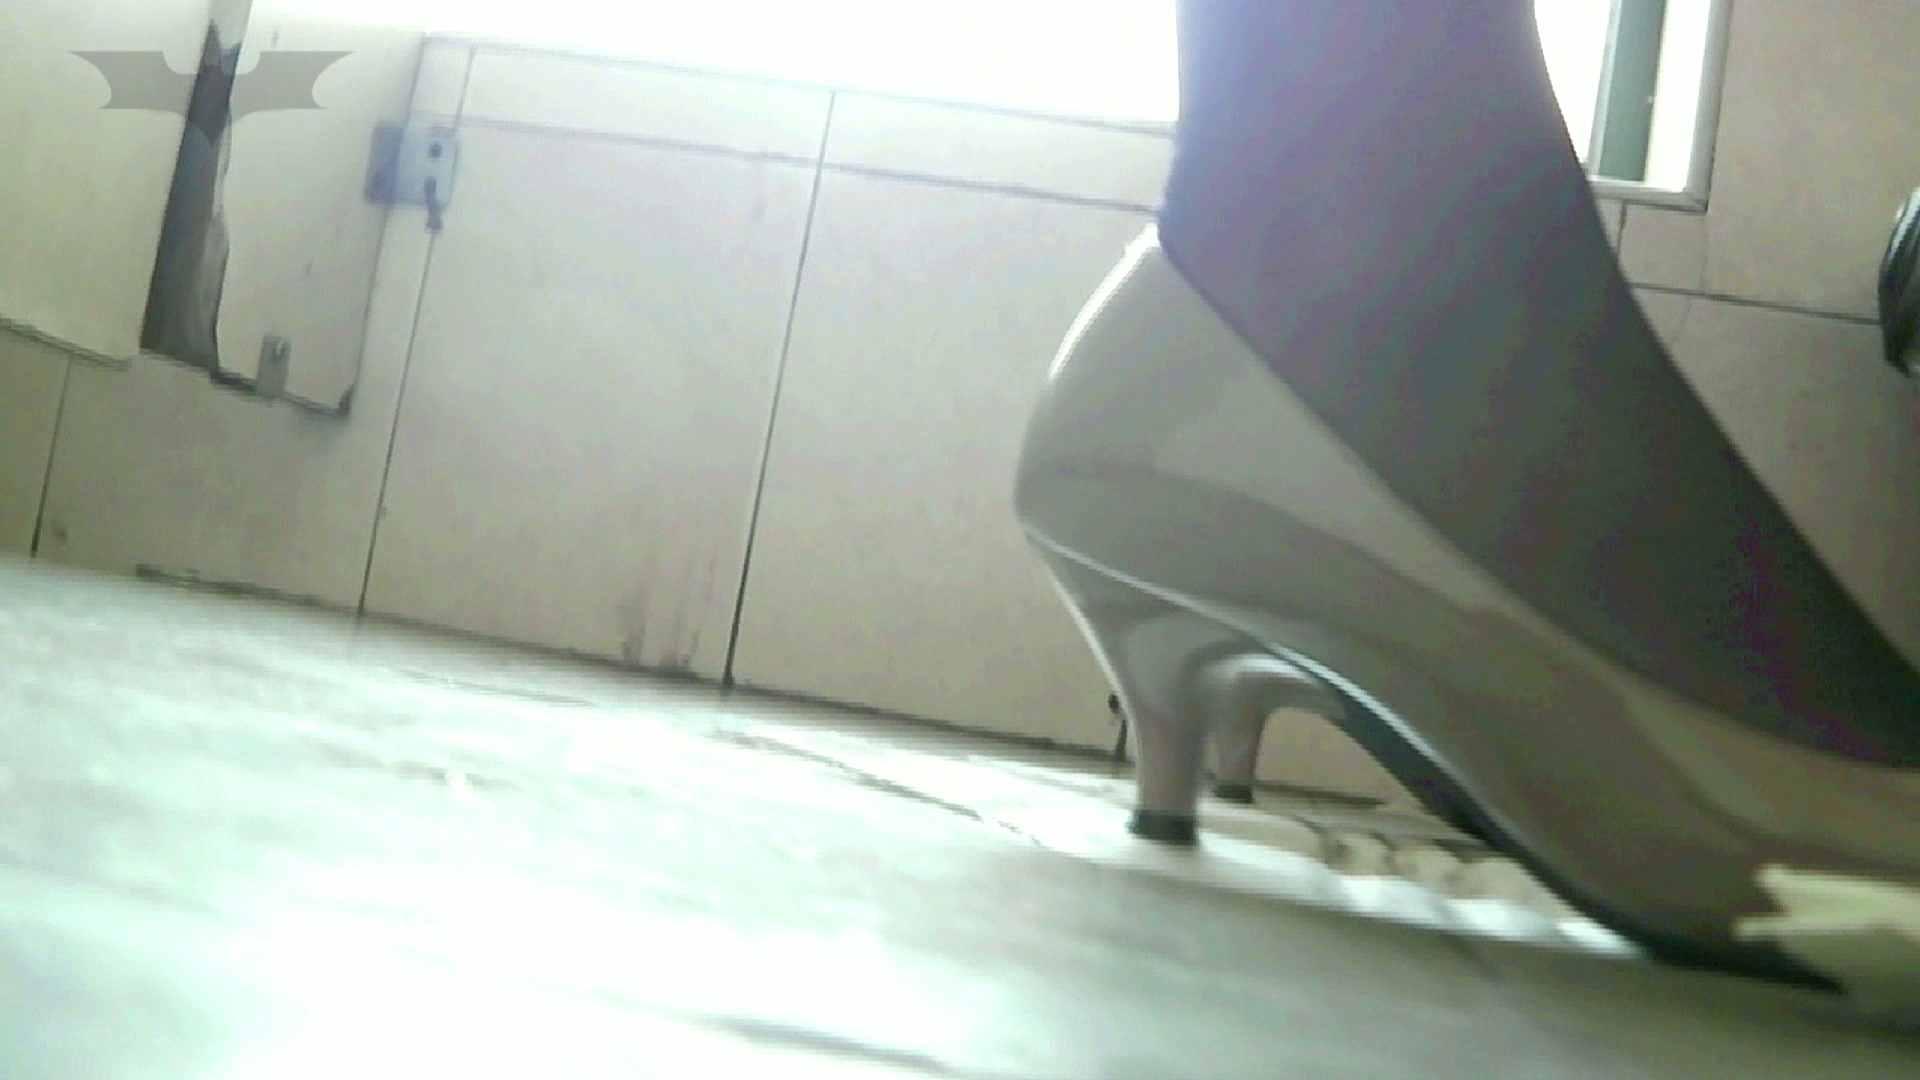 ステーション編 vol.29 頭二つ飛び出る180cm長身モデル OLハメ撮り  40Pix 36